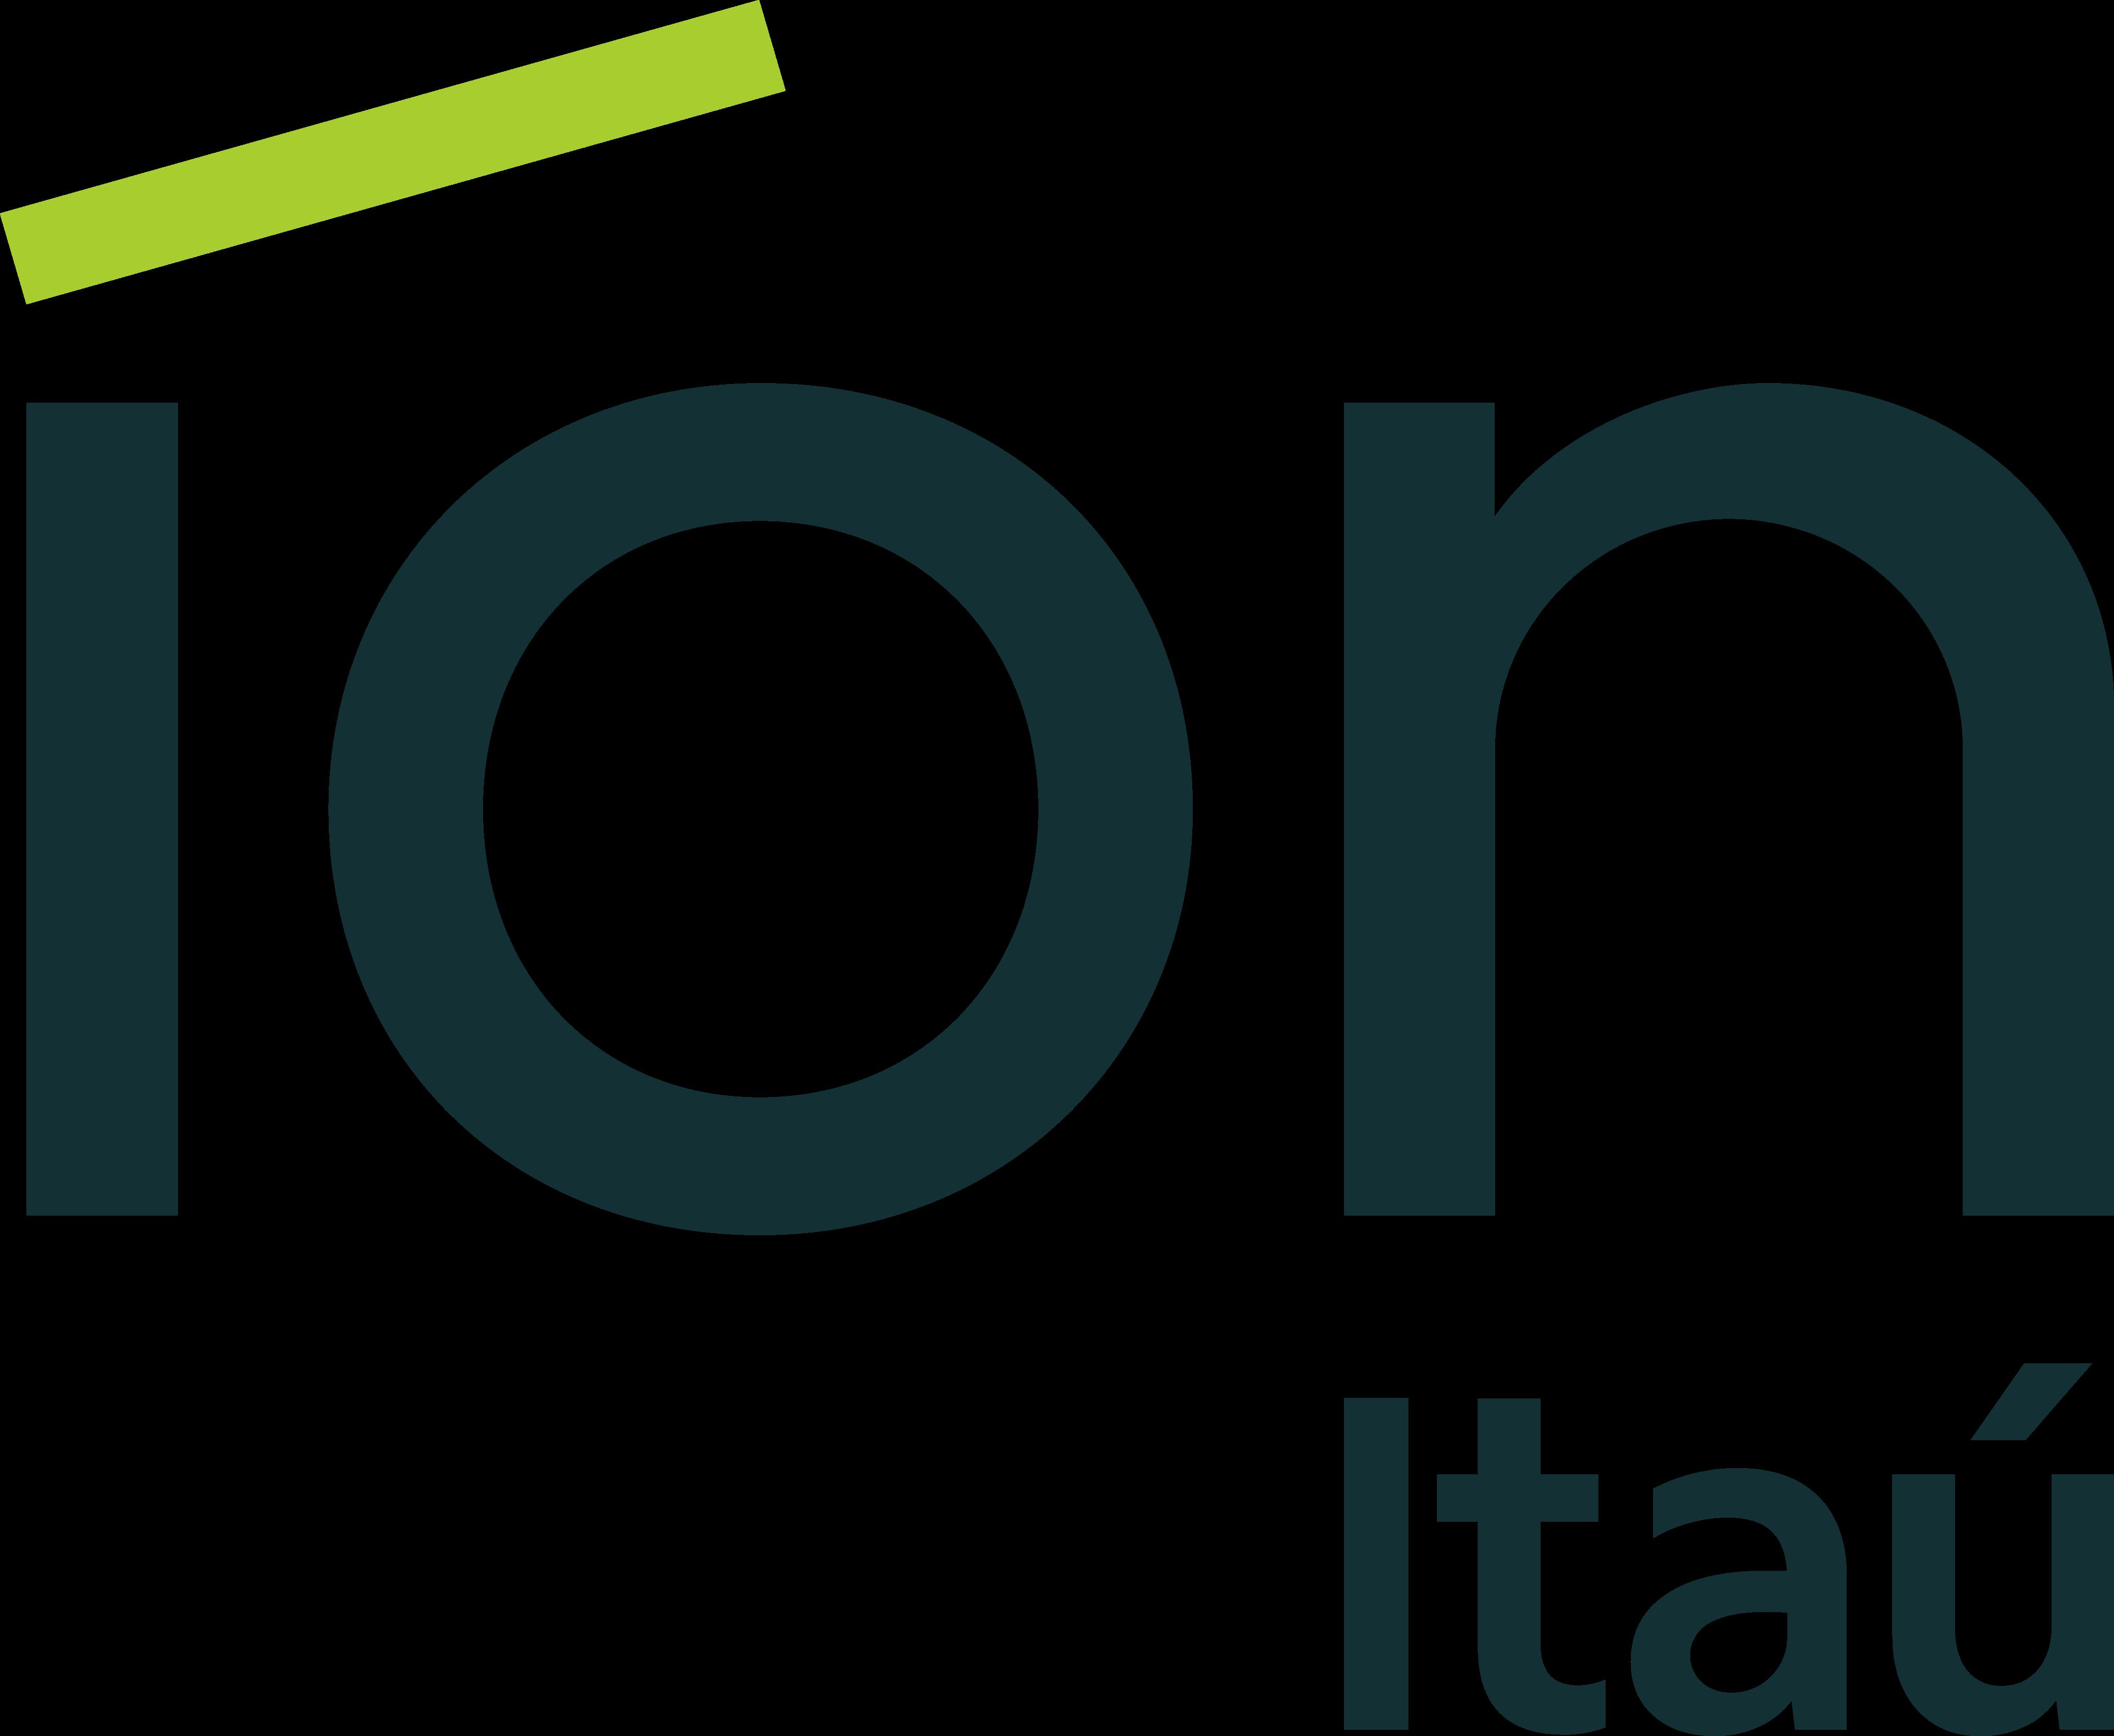 itau ion logo 1 - Itaú Íon Logo